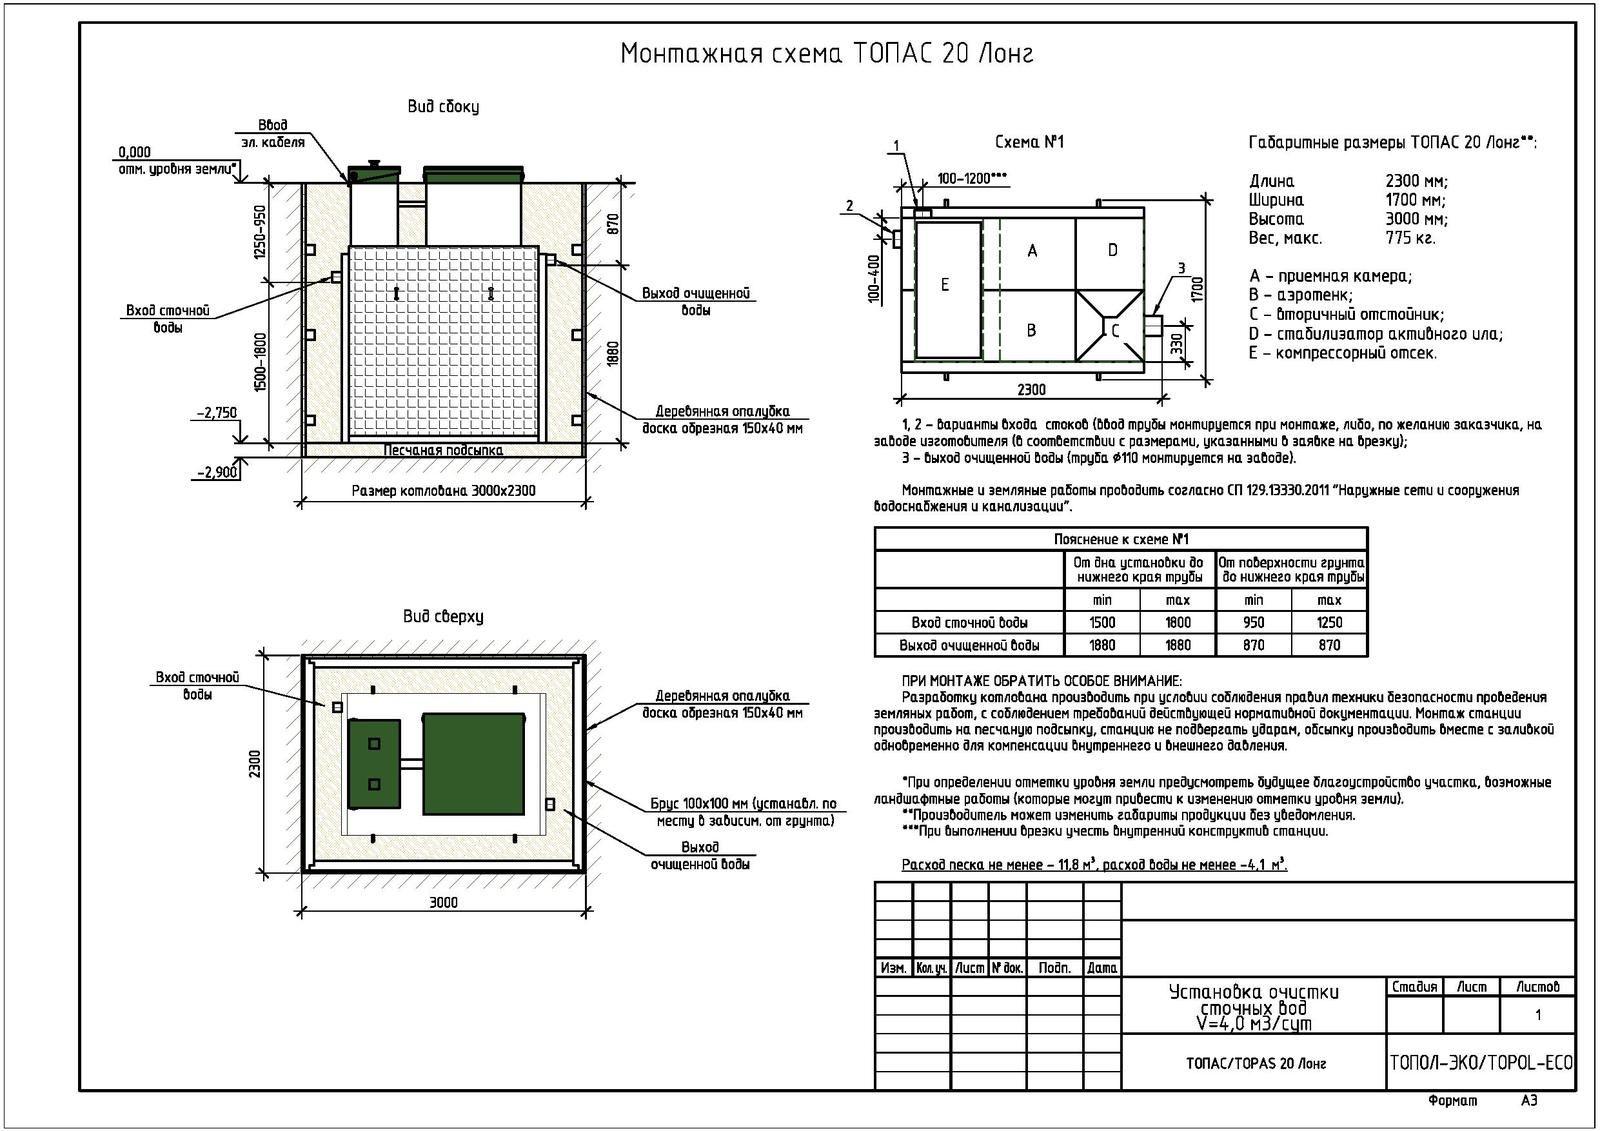 Монтажная схема септика Топас 20 Лонг